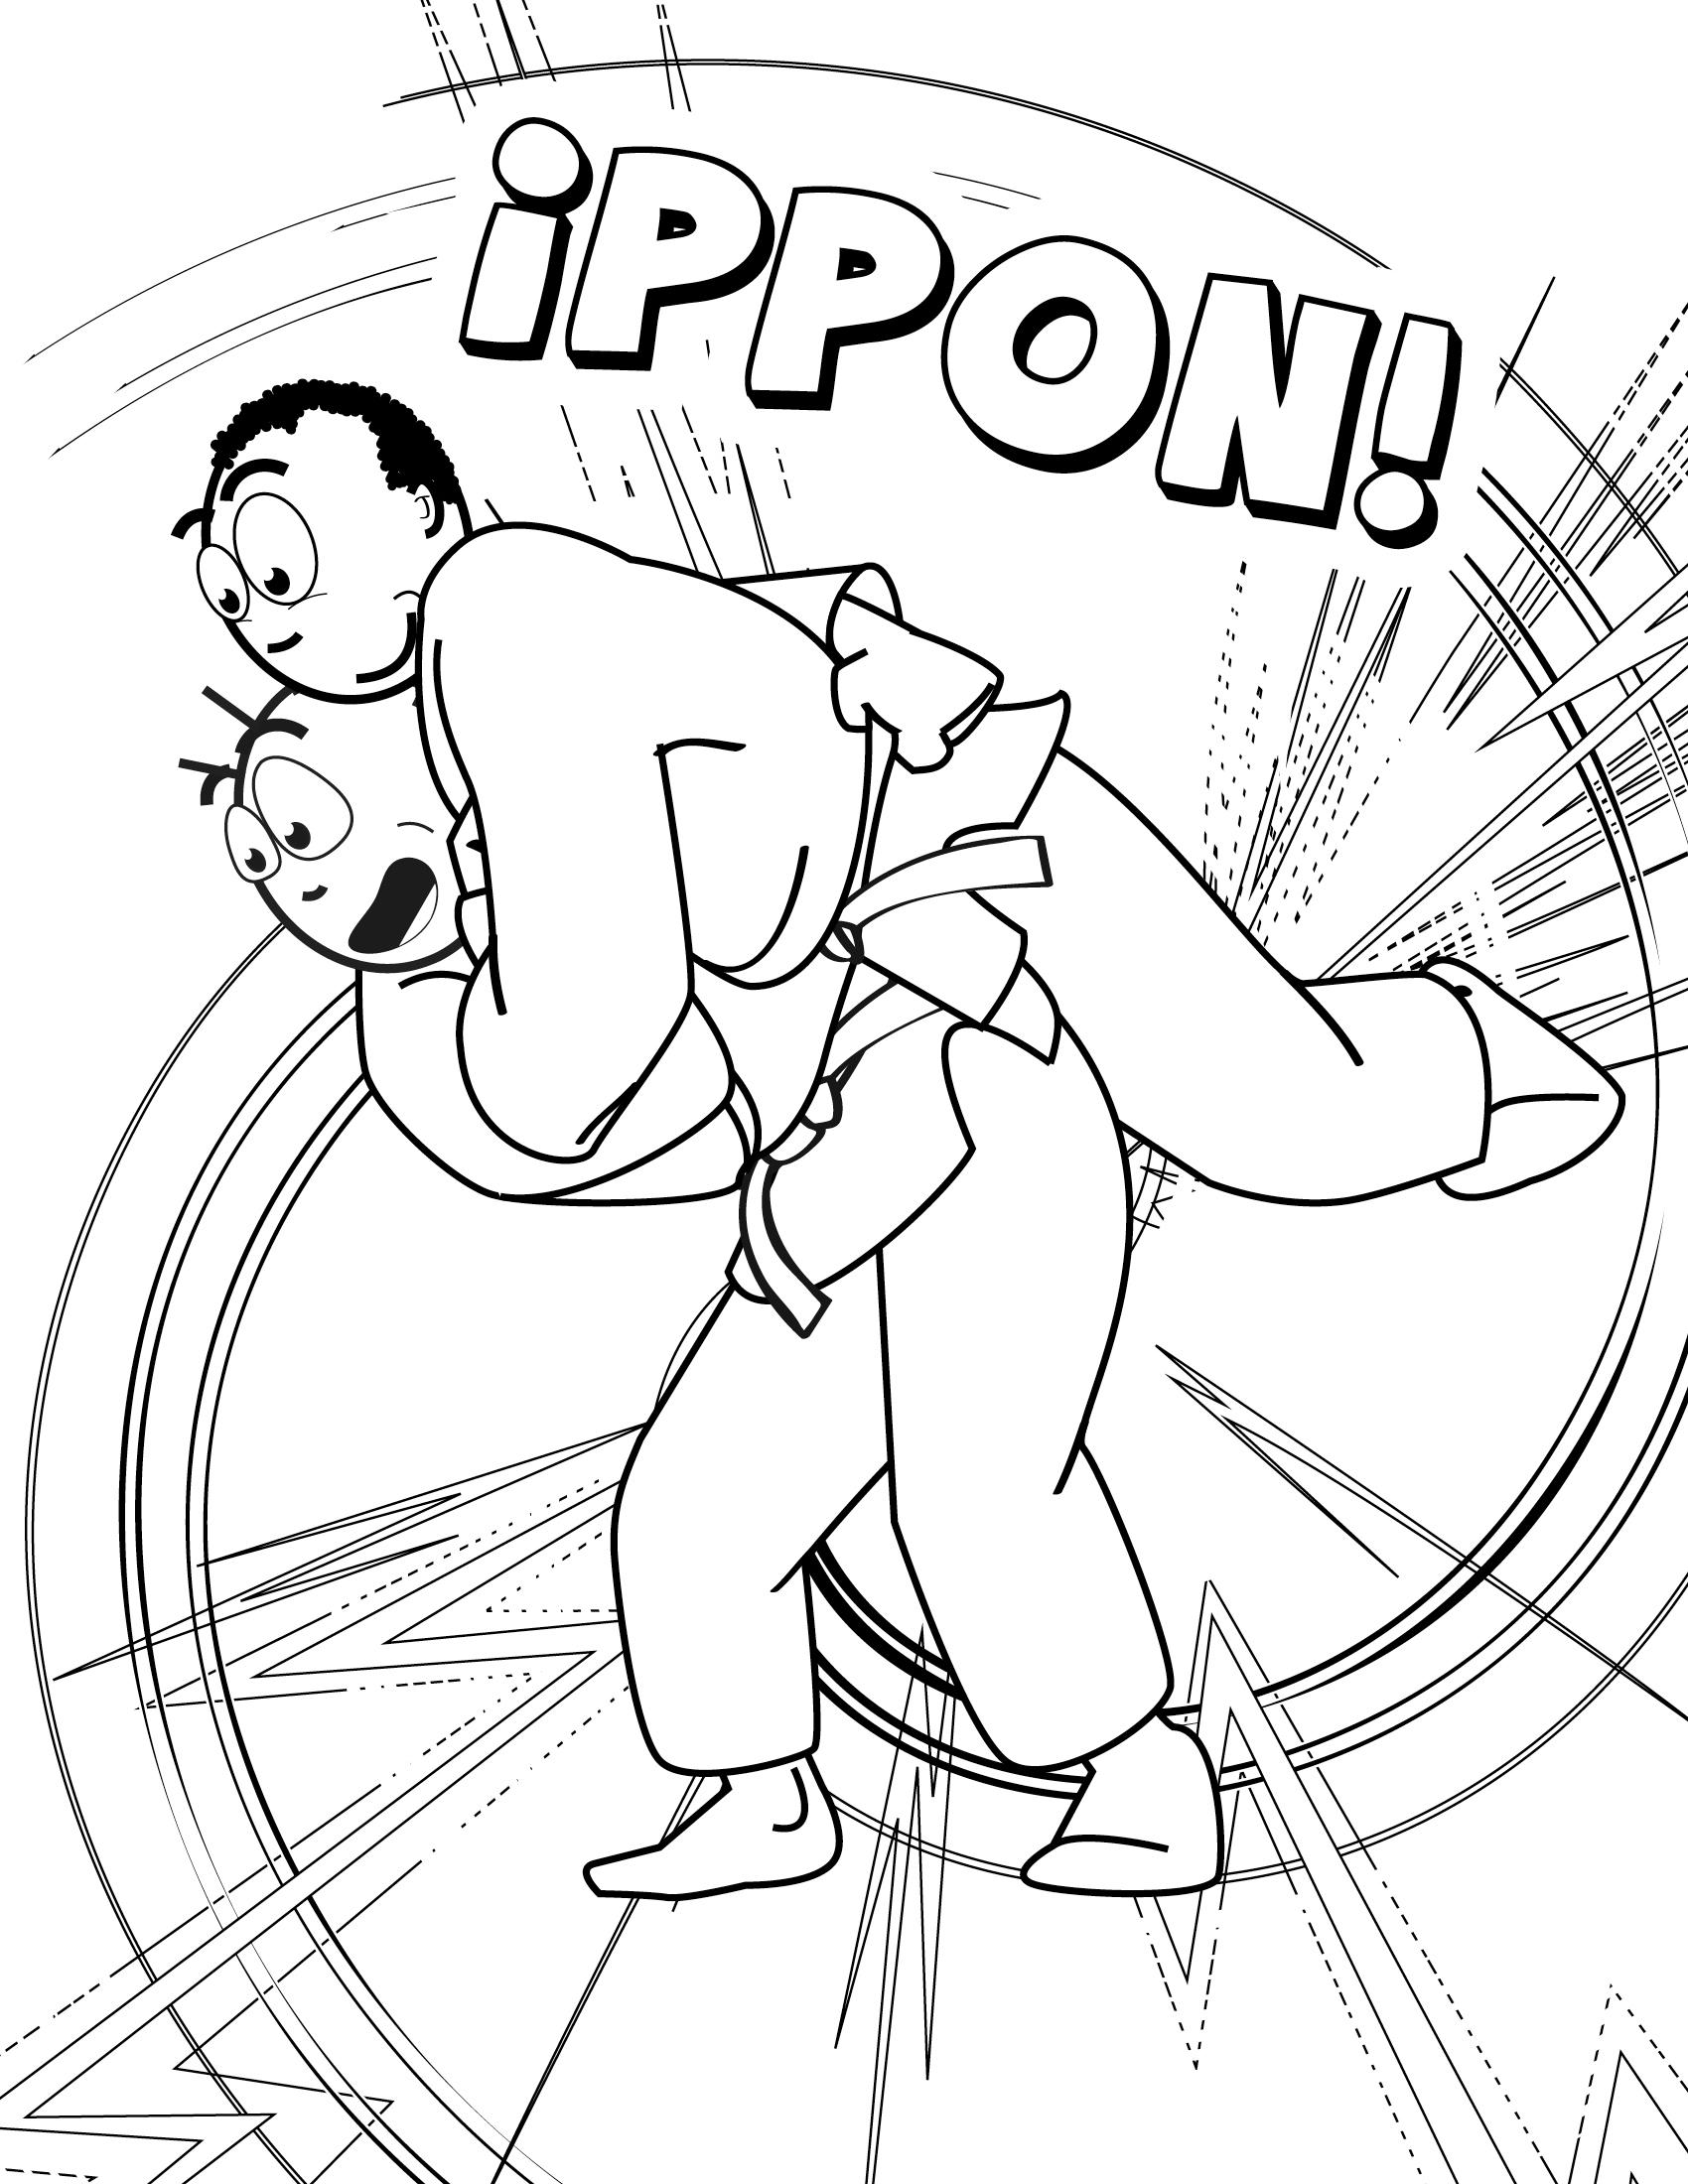 Ippon throw by Koka Kids